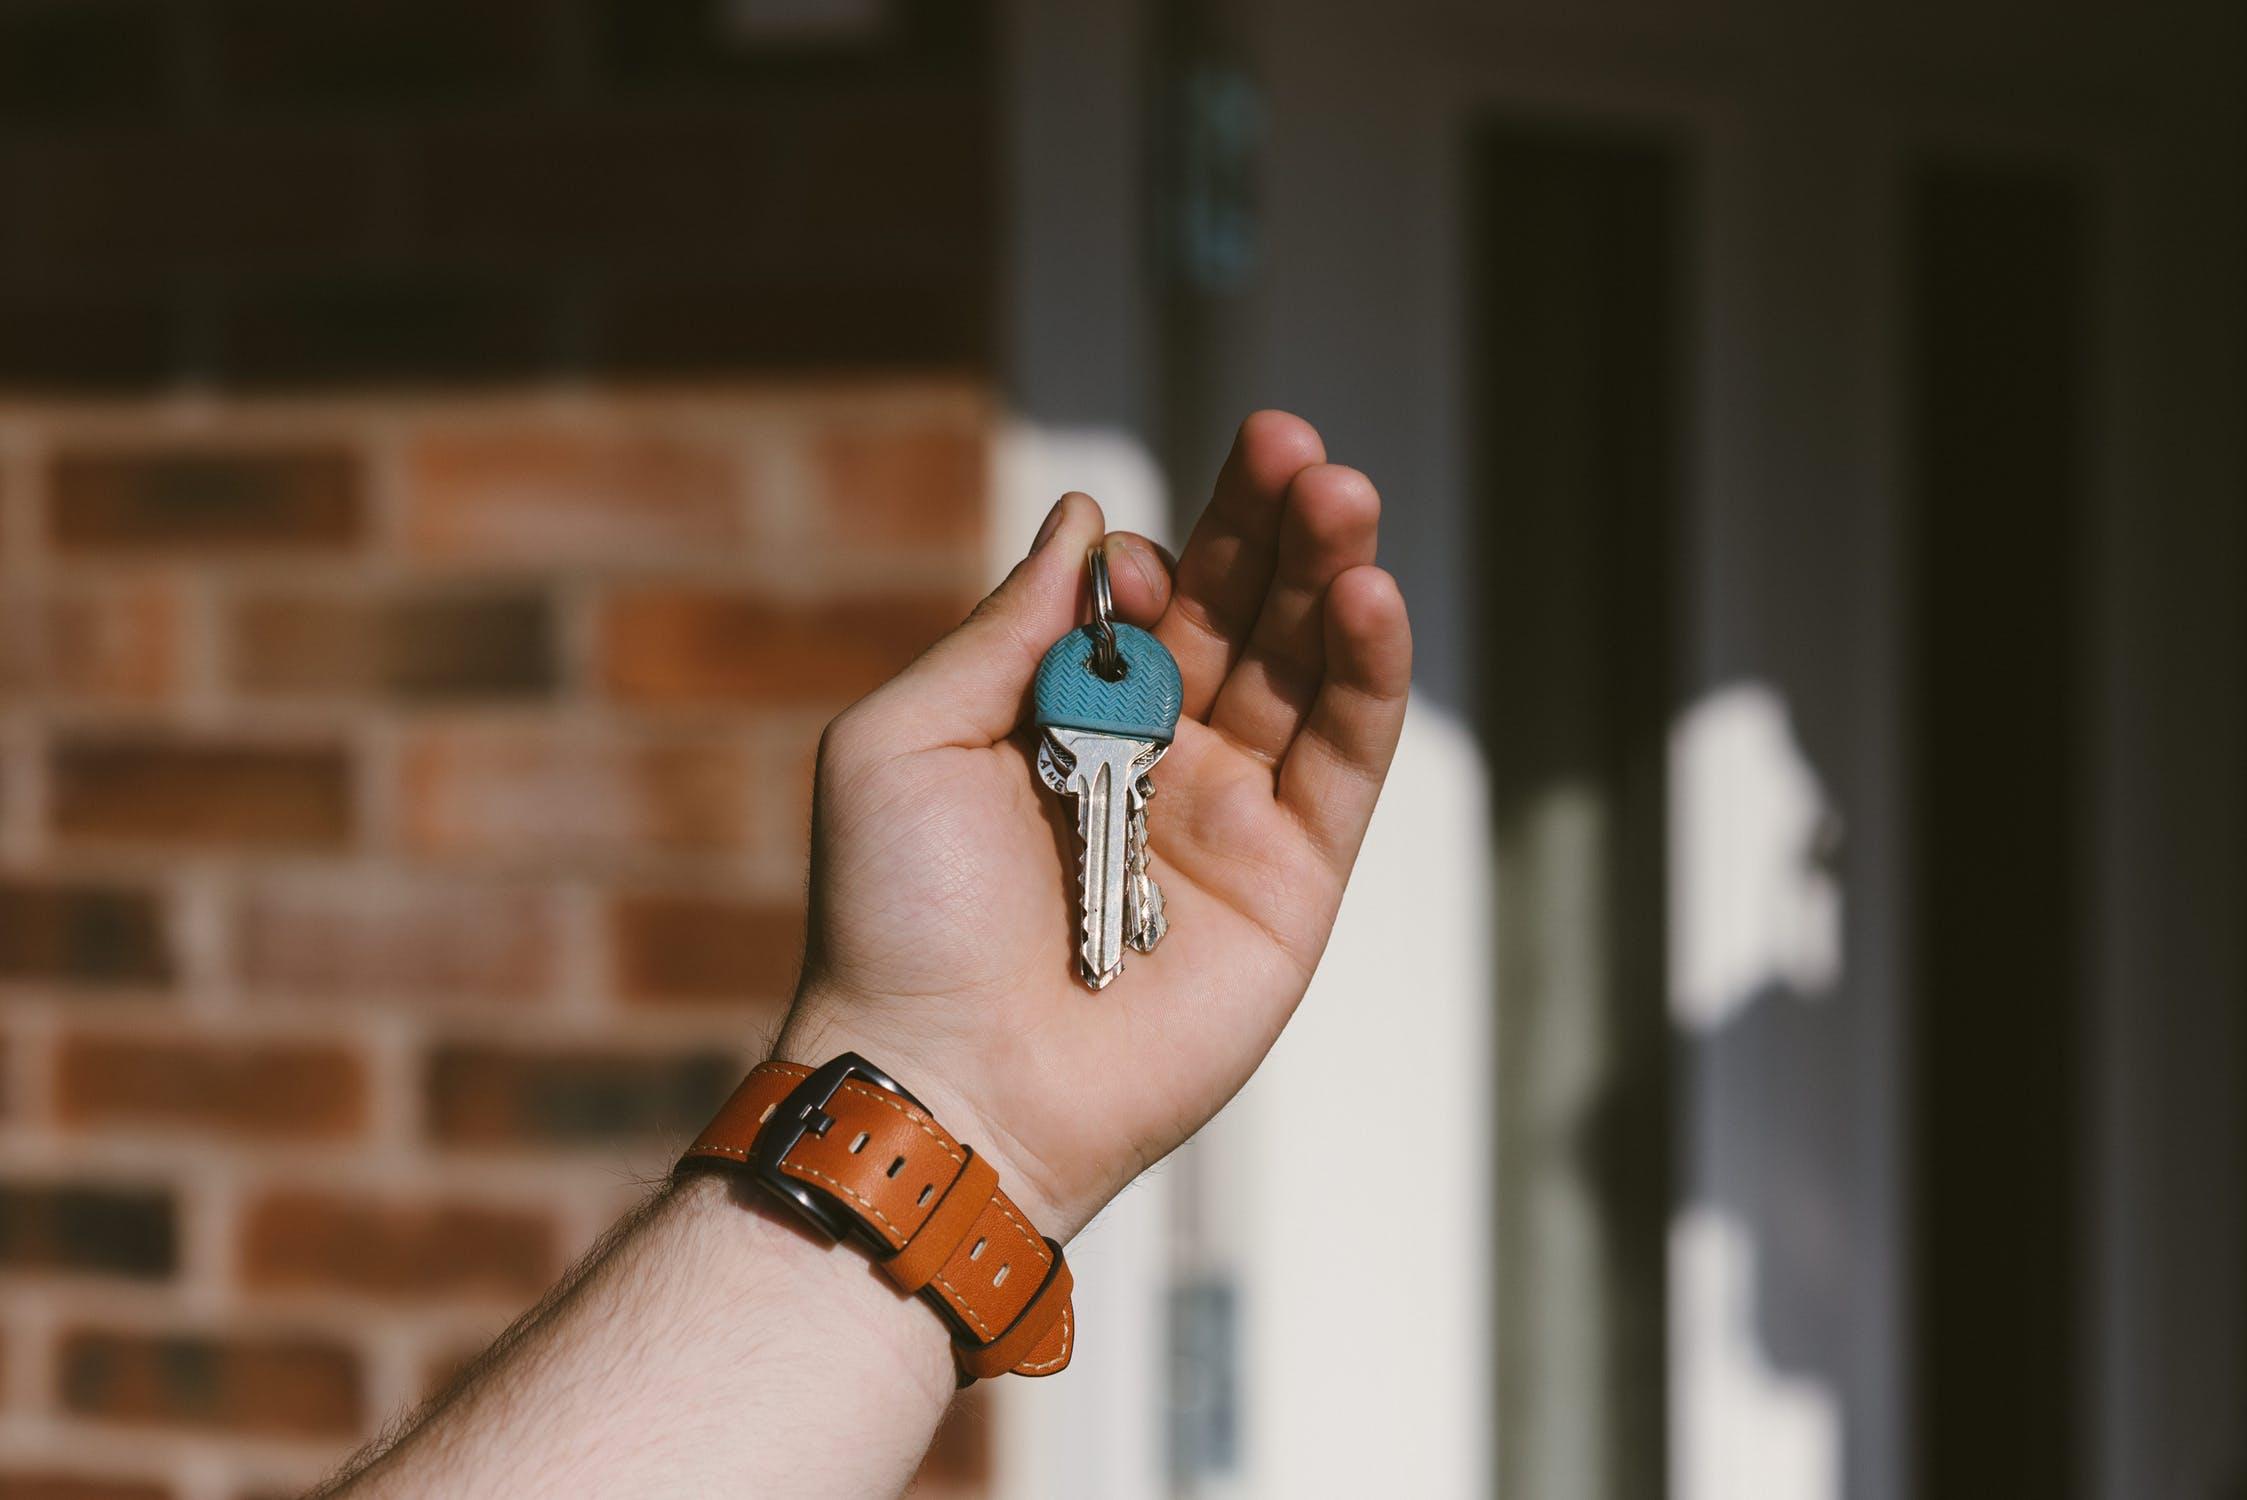 Кредит под залог недвижимого имущества: как получить его в БрокерБанк